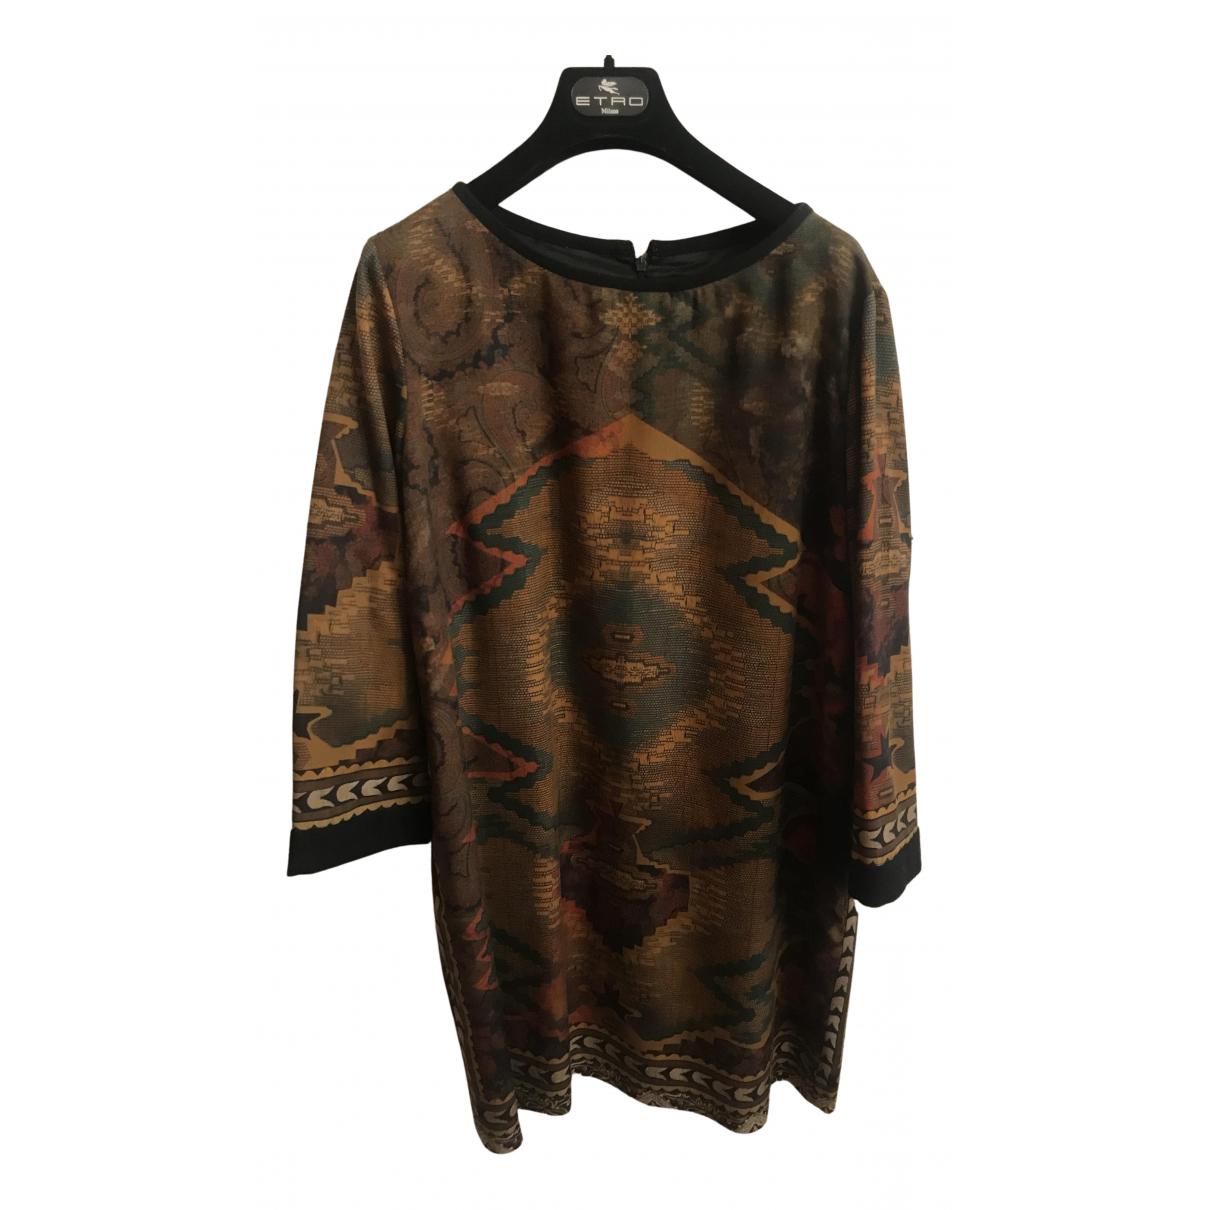 Etro \N Kleid in  Bunt Wolle